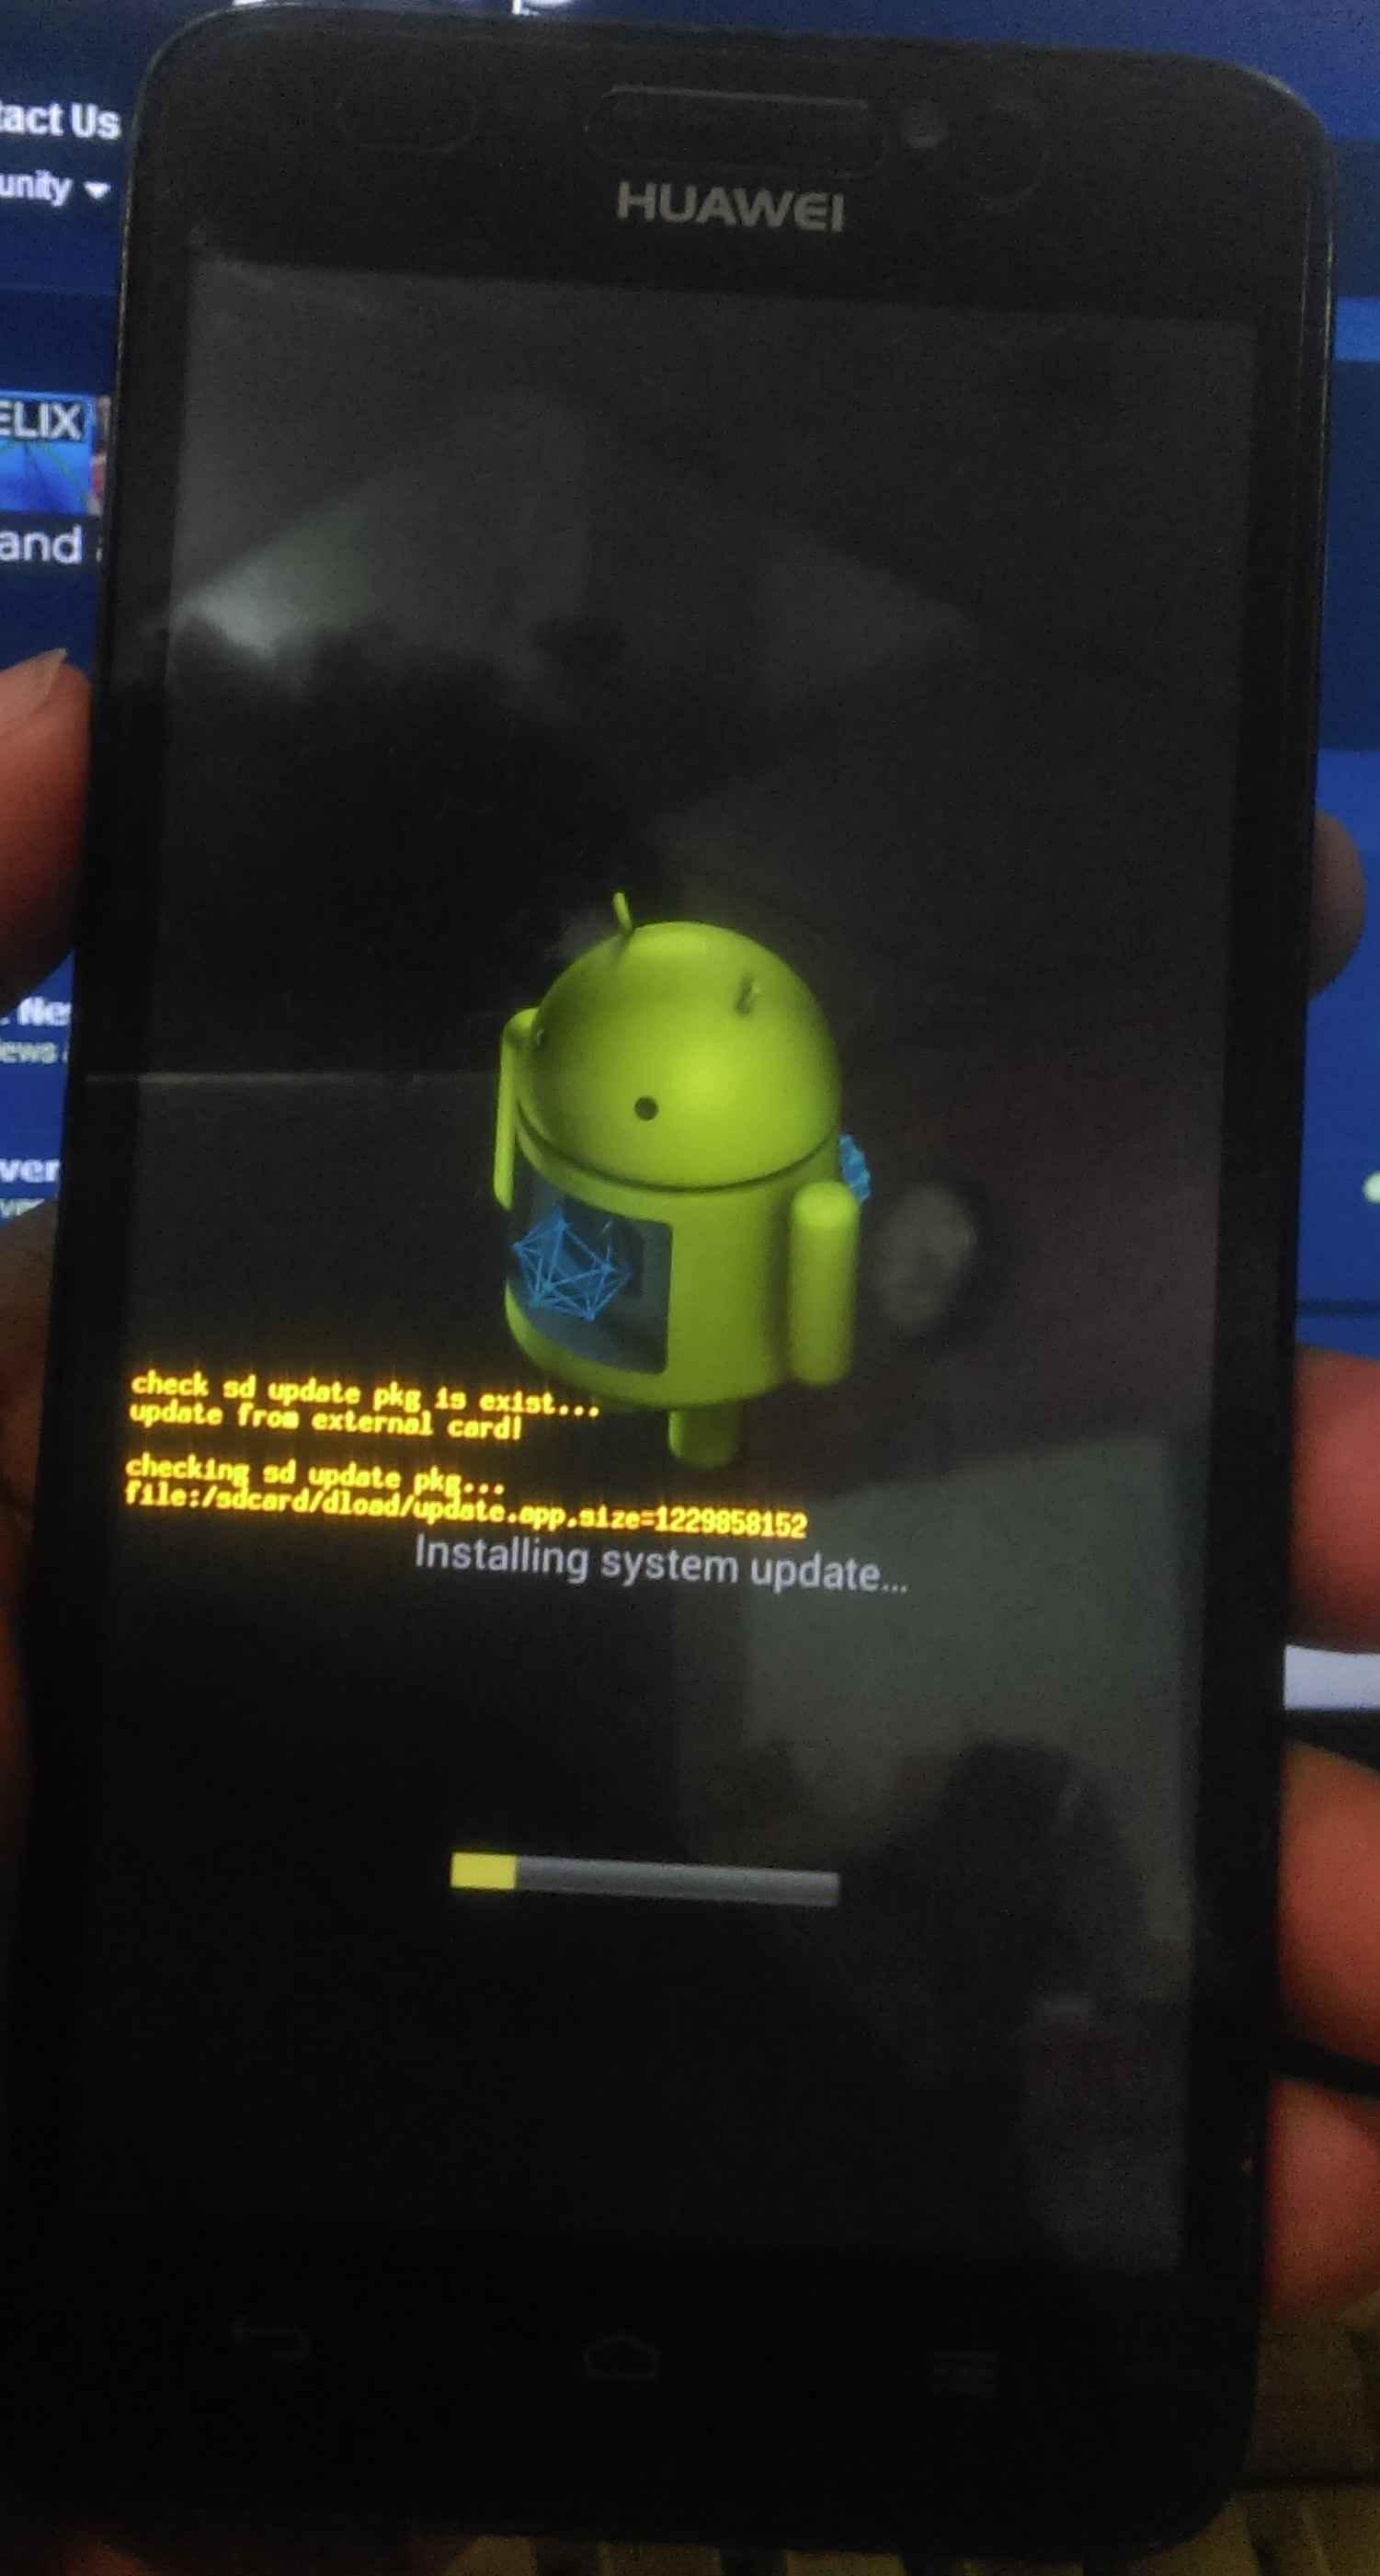 فایل حل مشکل آرم گوشی هواوی Huawei G630-U10